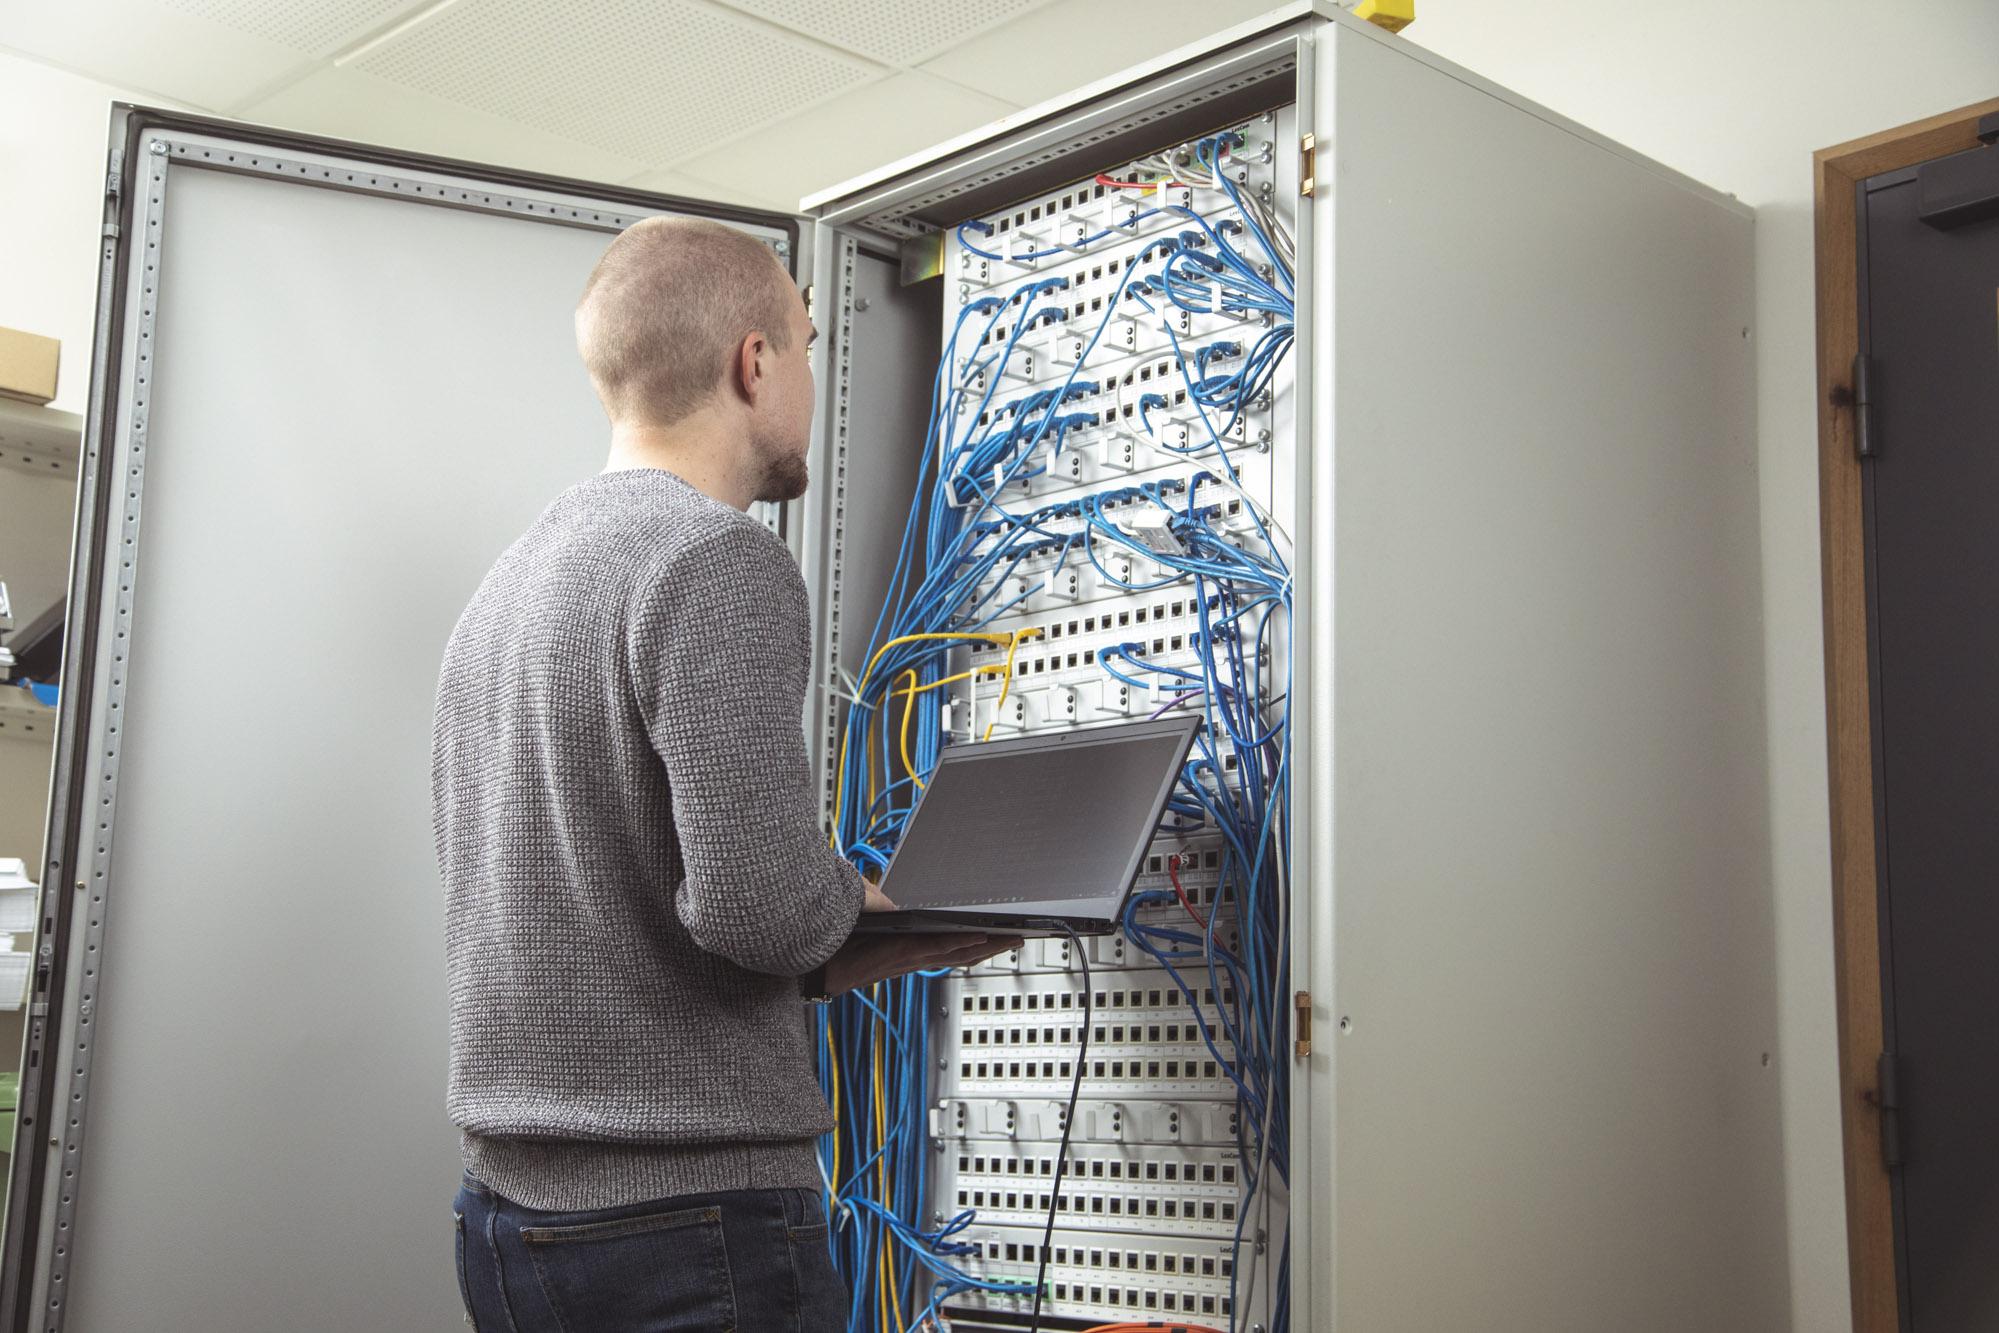 13_IT-tekniker_25.jpg